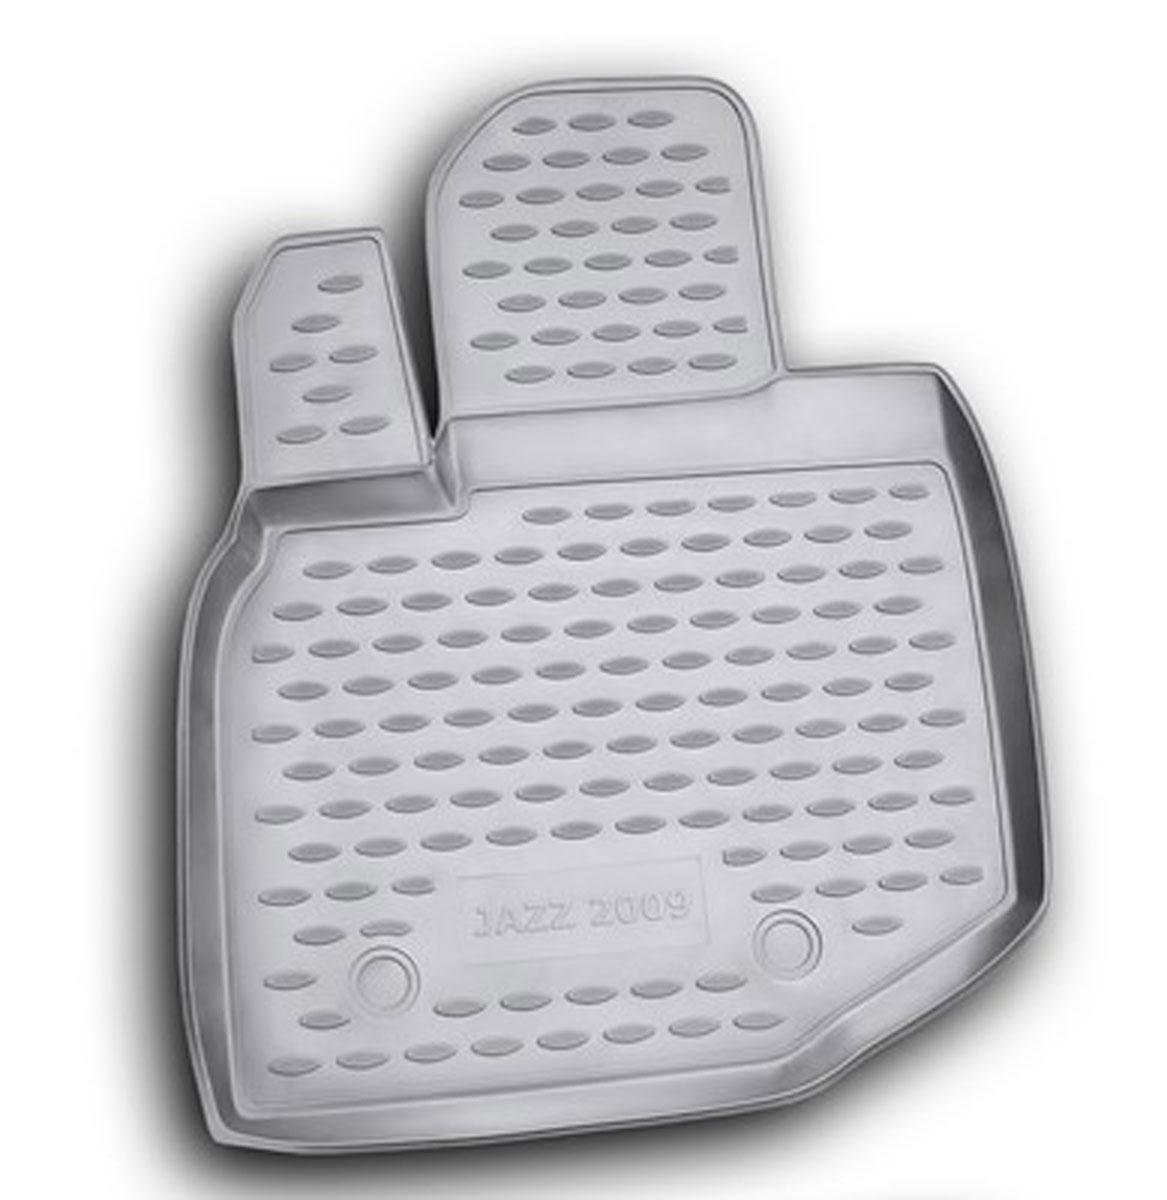 Коврик в салон автомобиля Novline-Autofamily для Honda Jazz, 2009 -, передний левыйNLC.18.19.210flКоврик Novline-Autofamily улучшит внешний вид салона автомобиля и надежно убережет его от пыли, грязи и сырости, а значит, защитит кузов от коррозии. Полиуретановый коврик гладкий, приятный и не пропускает влагу. Полиуретановый автомобильный коврик произведен из высококачественного материала, который держит форму и не пачкает обувь. Коврик надежно крепится на полу и не скользит, что очень важно во время движения, особенно для водителя. Изделие из полиуретана надежно удерживает грязь и влагу, при этом всегда выглядит довольно опрятно. И чистится он очень просто: как при помощи автомобильного пылесоса, так и различными моющими средствами.